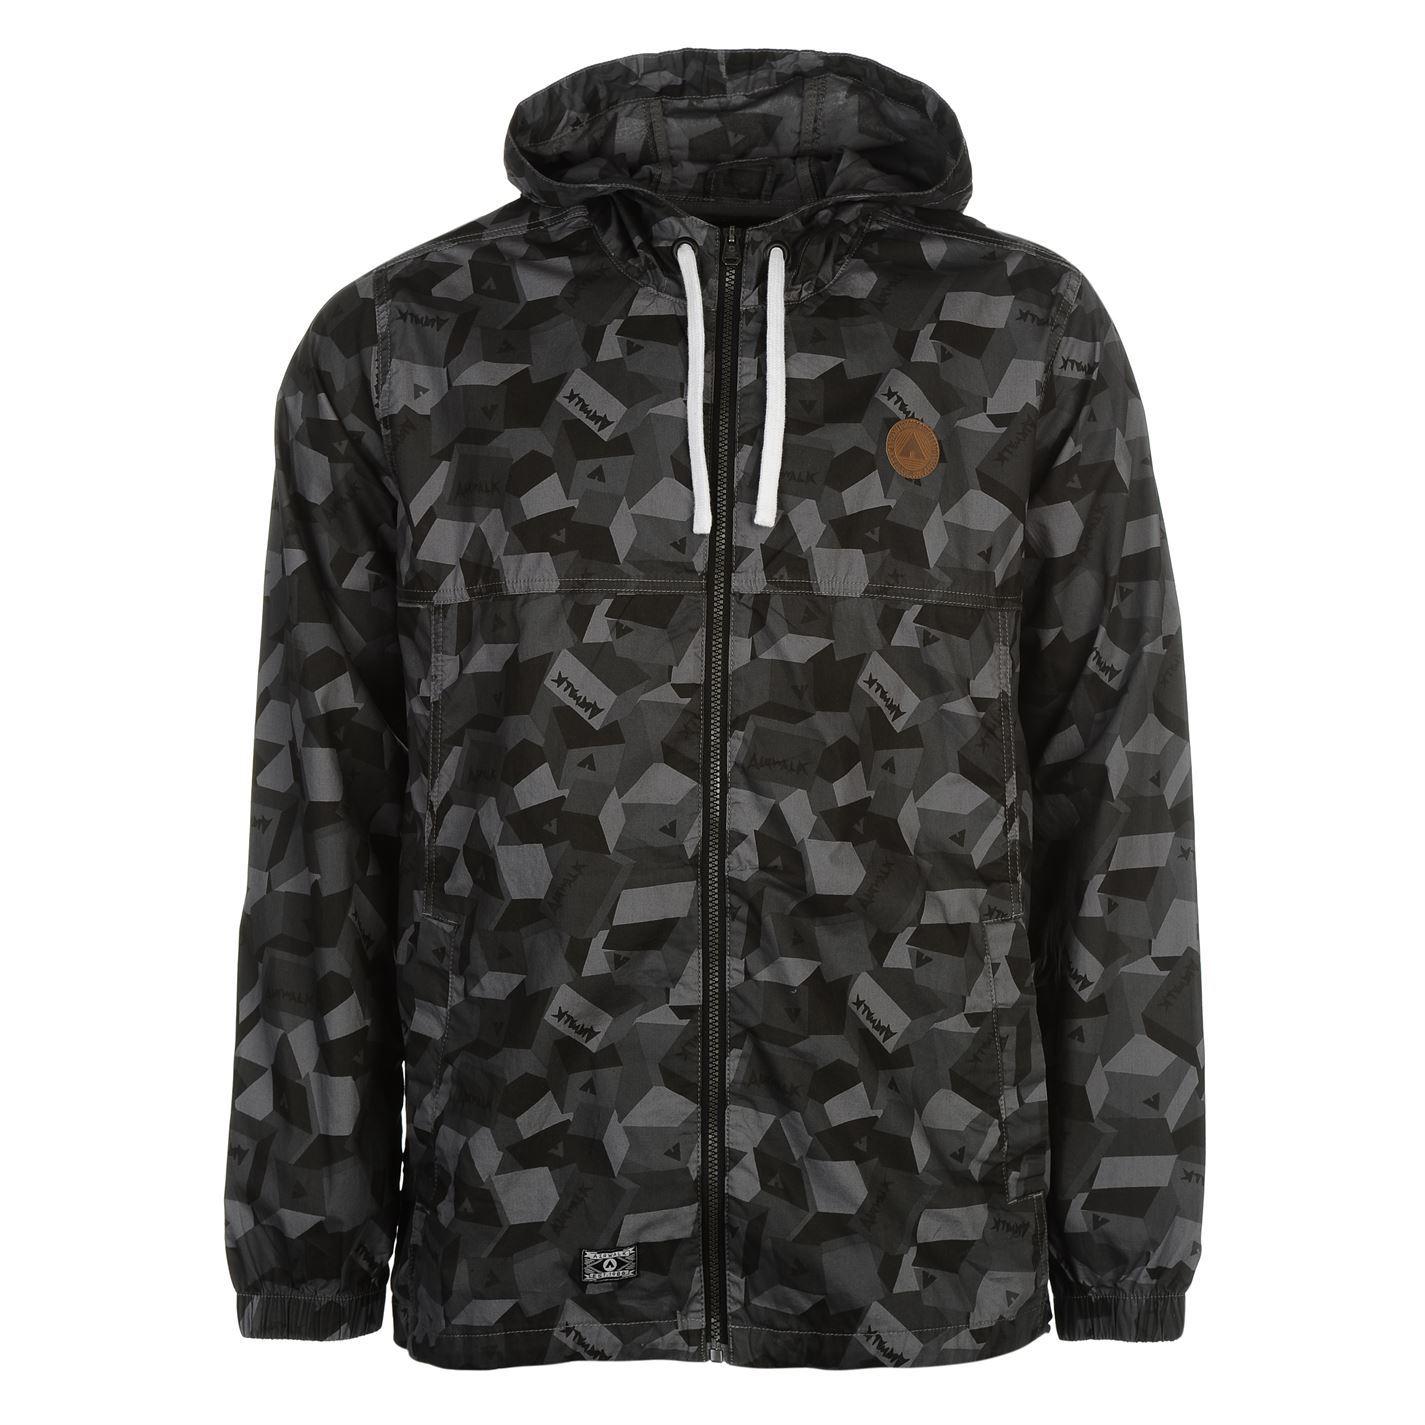 Airwalk Mens Hooded Jacket Top Coat Lightweight Long Sleeve ...